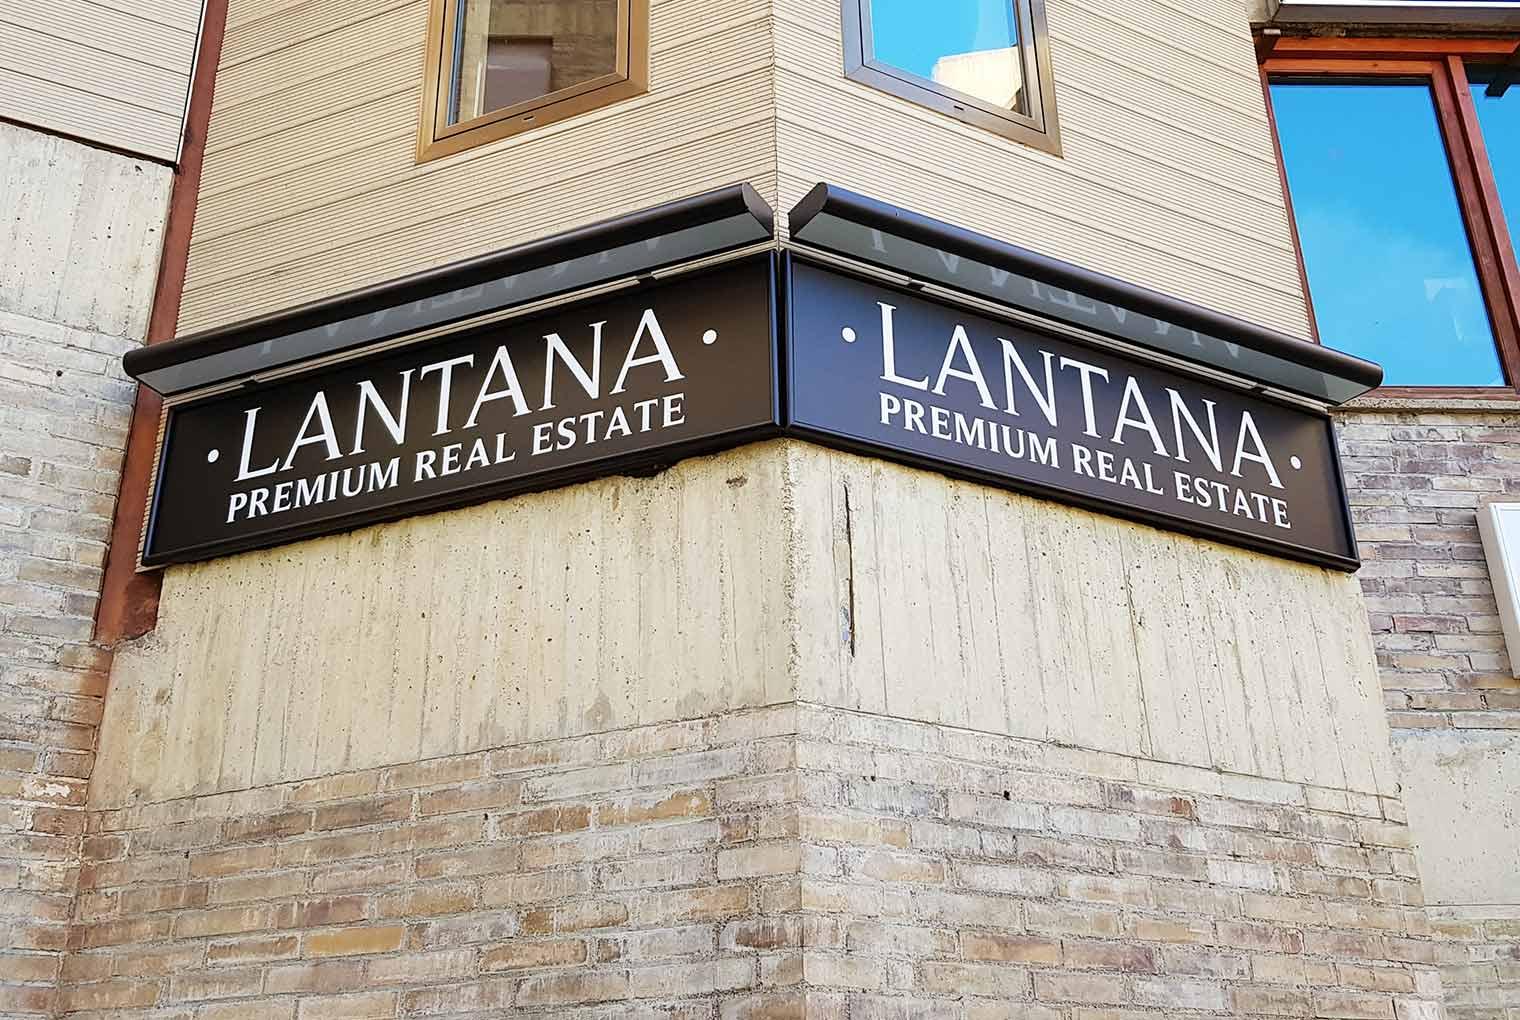 lantana-4